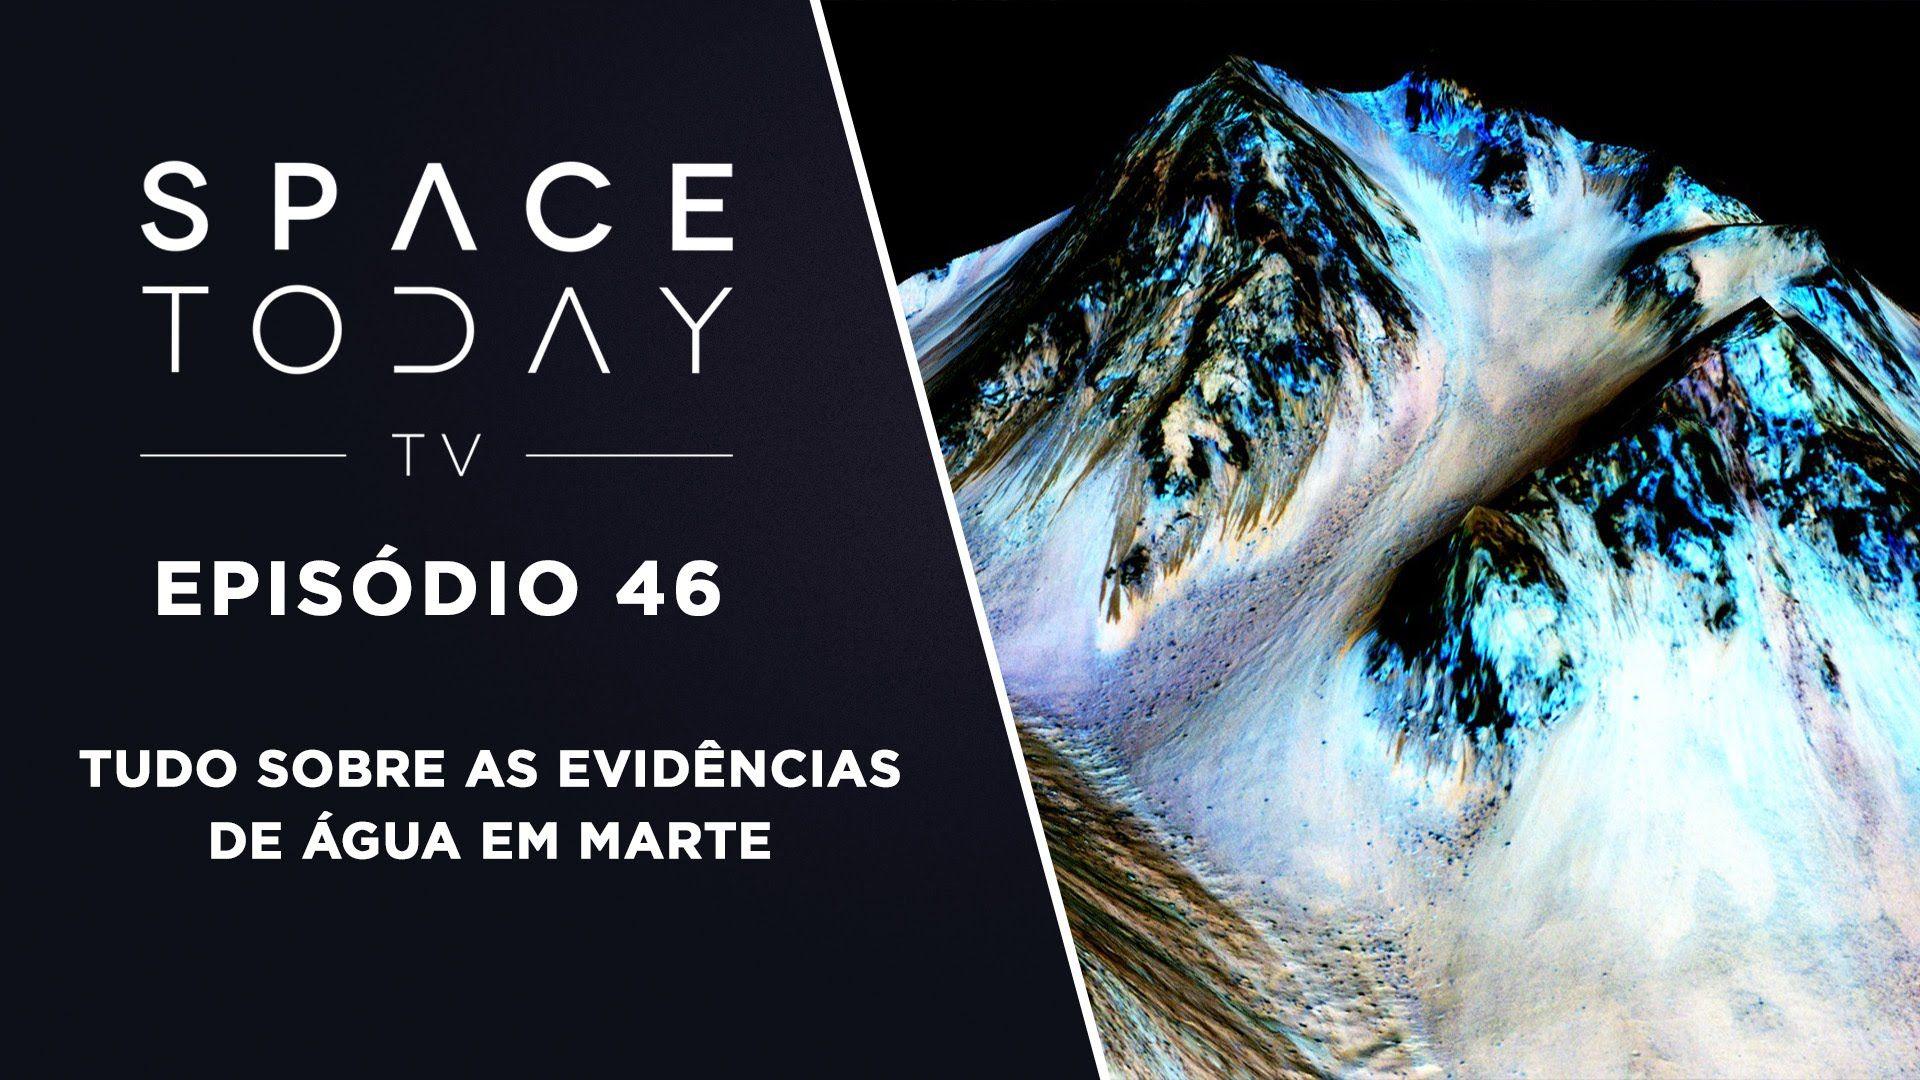 Space Today TV Ep.46 - Tudo Sobre As Evidências de Água Em Marte